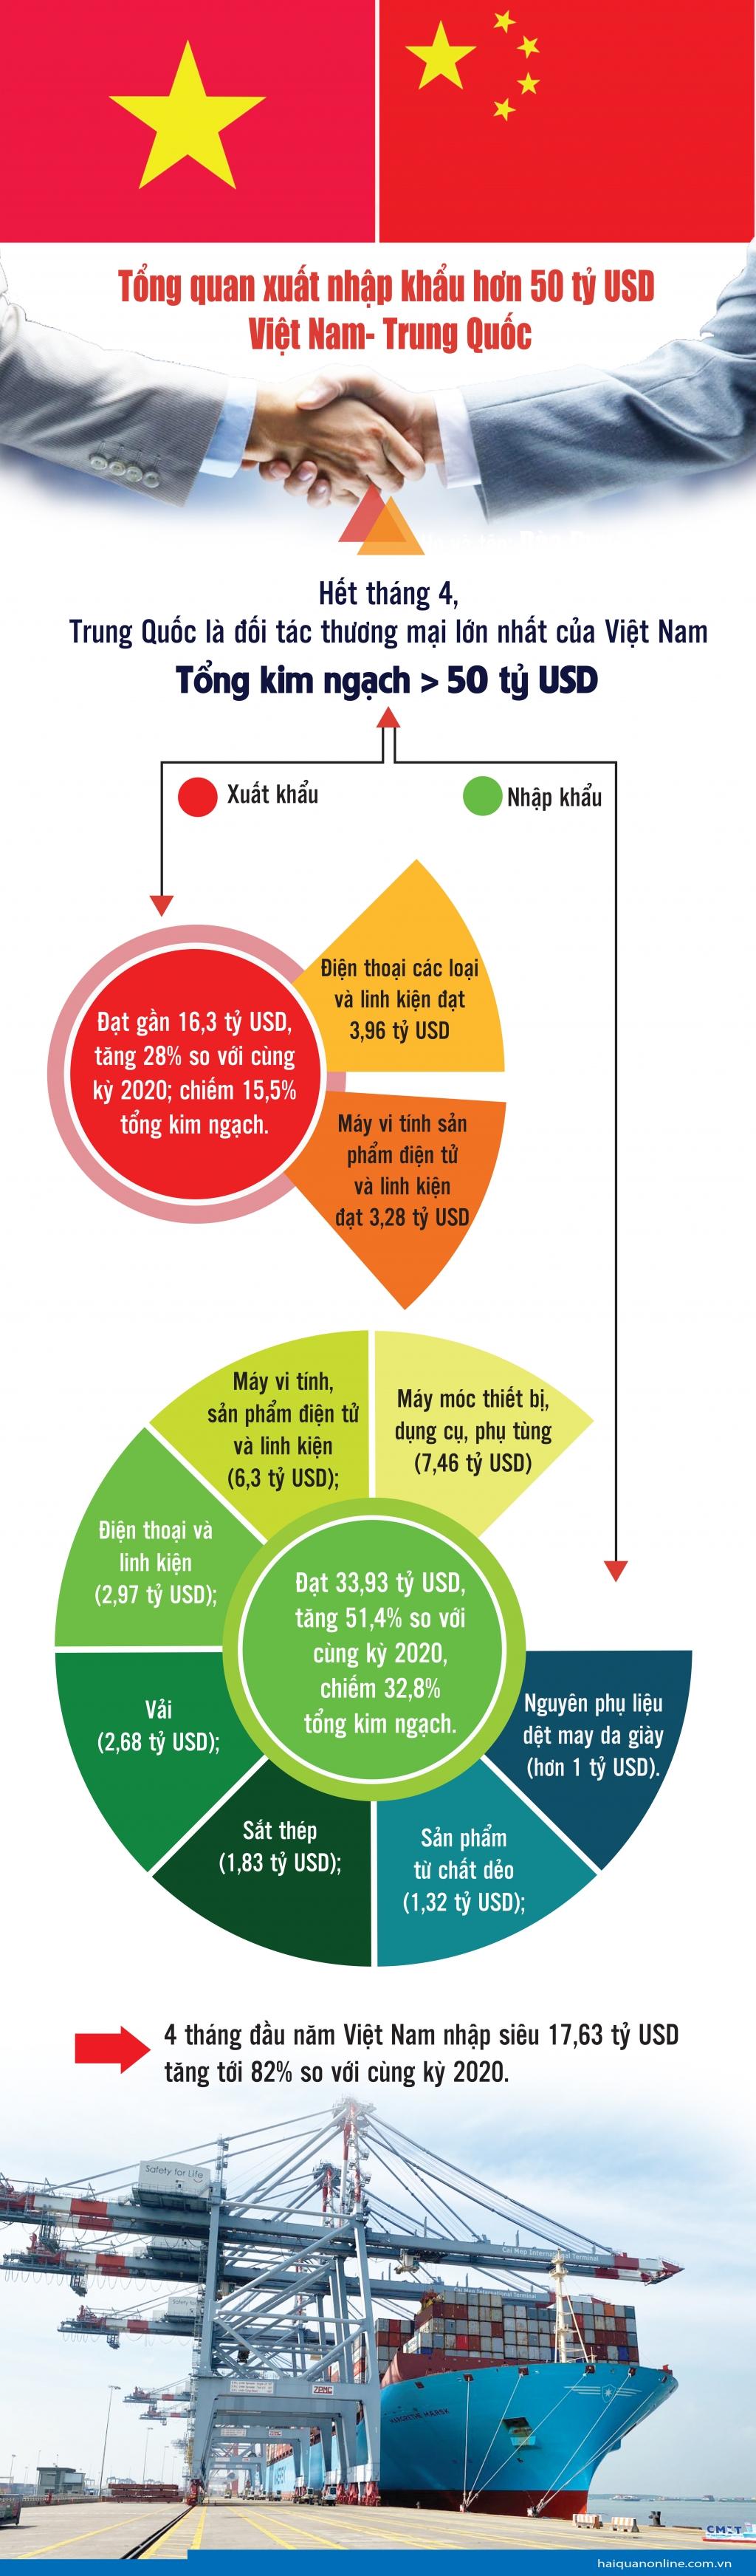 Infographics: Hơn 50 tỷ USD kim ngạch xuất nhập khẩu giữa Việt Nam- Trung Quốc